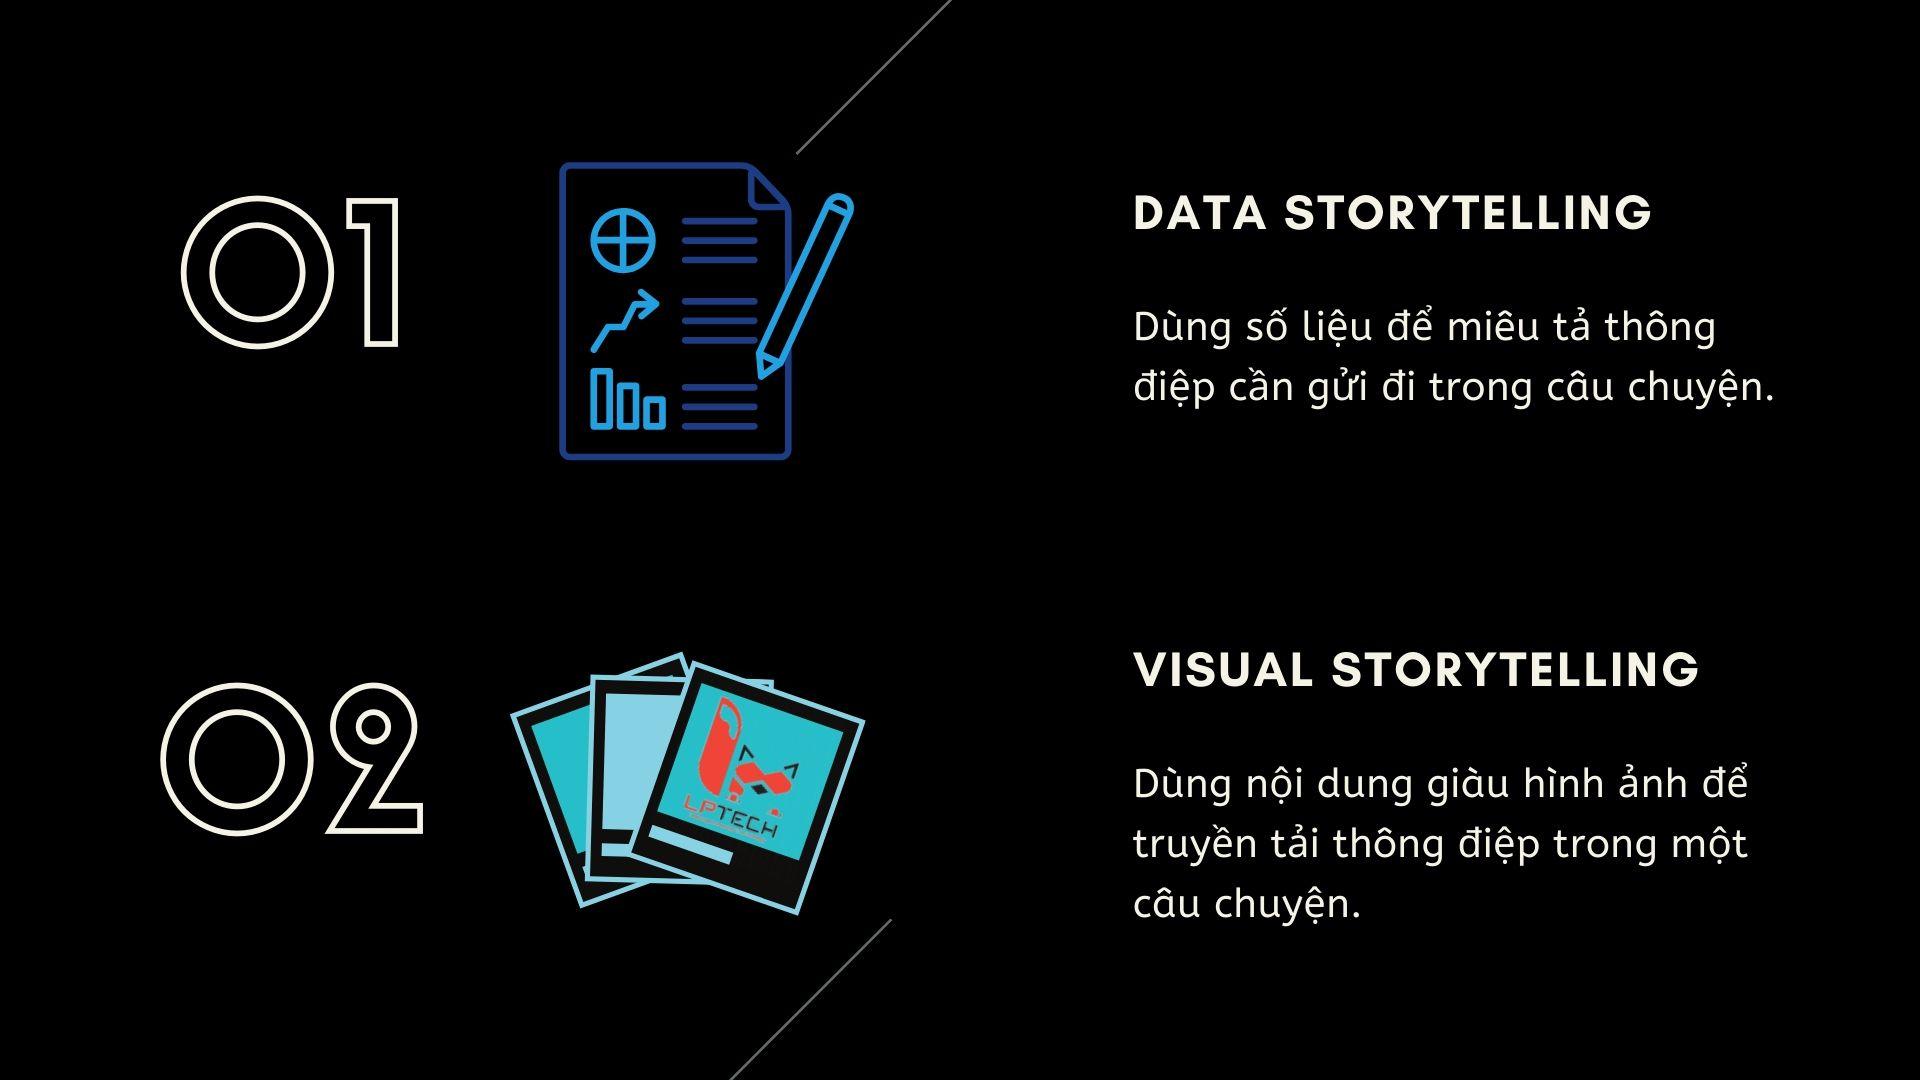 data storytelling và visual storytelling